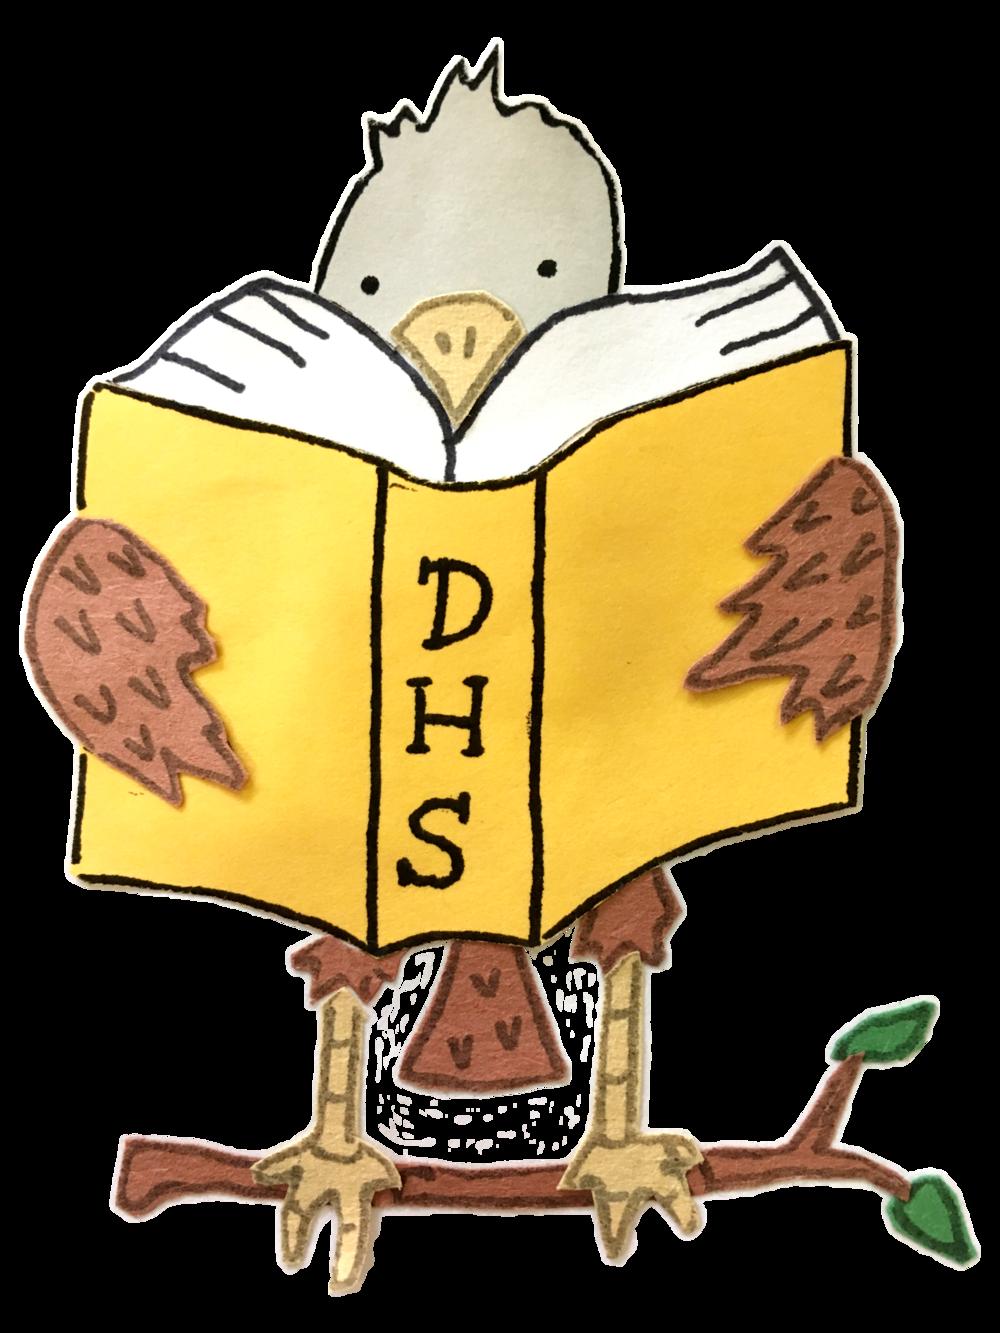 Shhh librarian